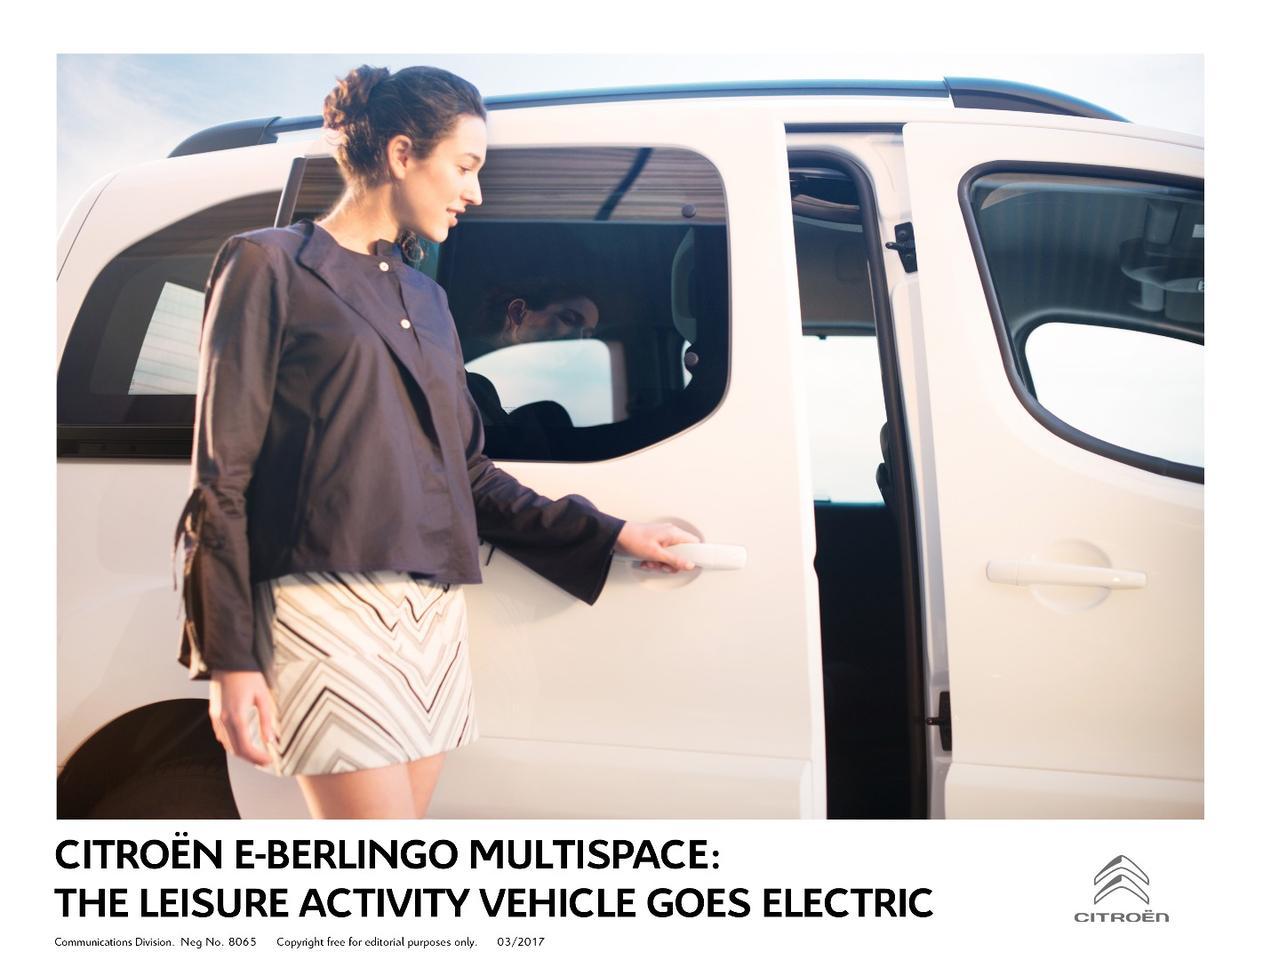 TheE-Berlingo has traditional sliding doors